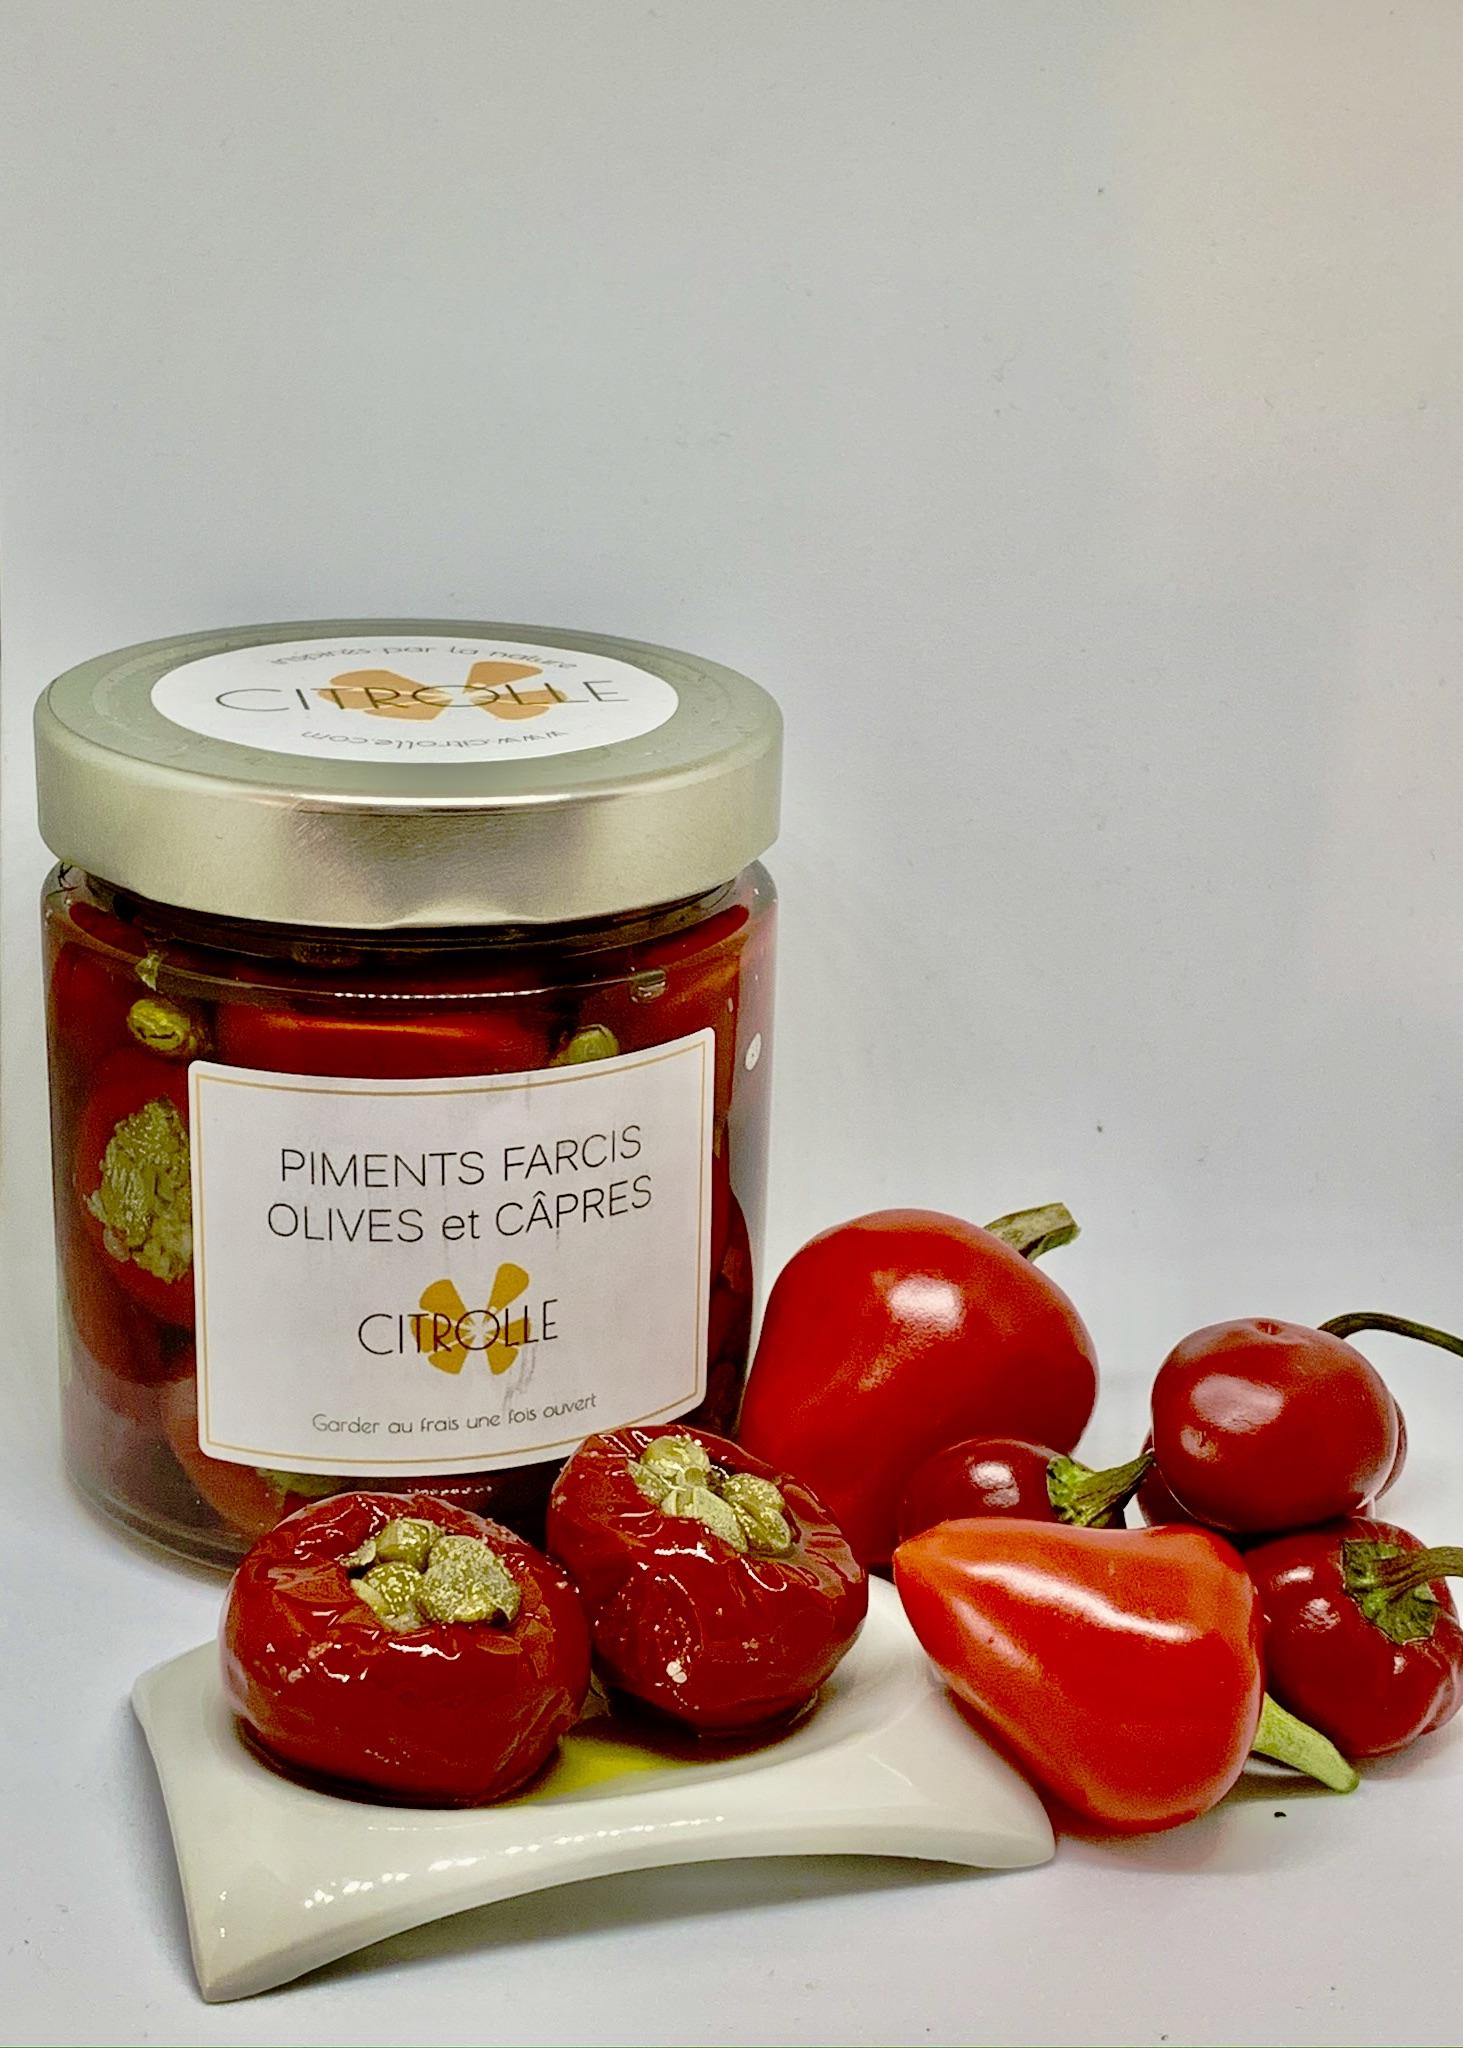 Mini piments farcis aux olives & câpres